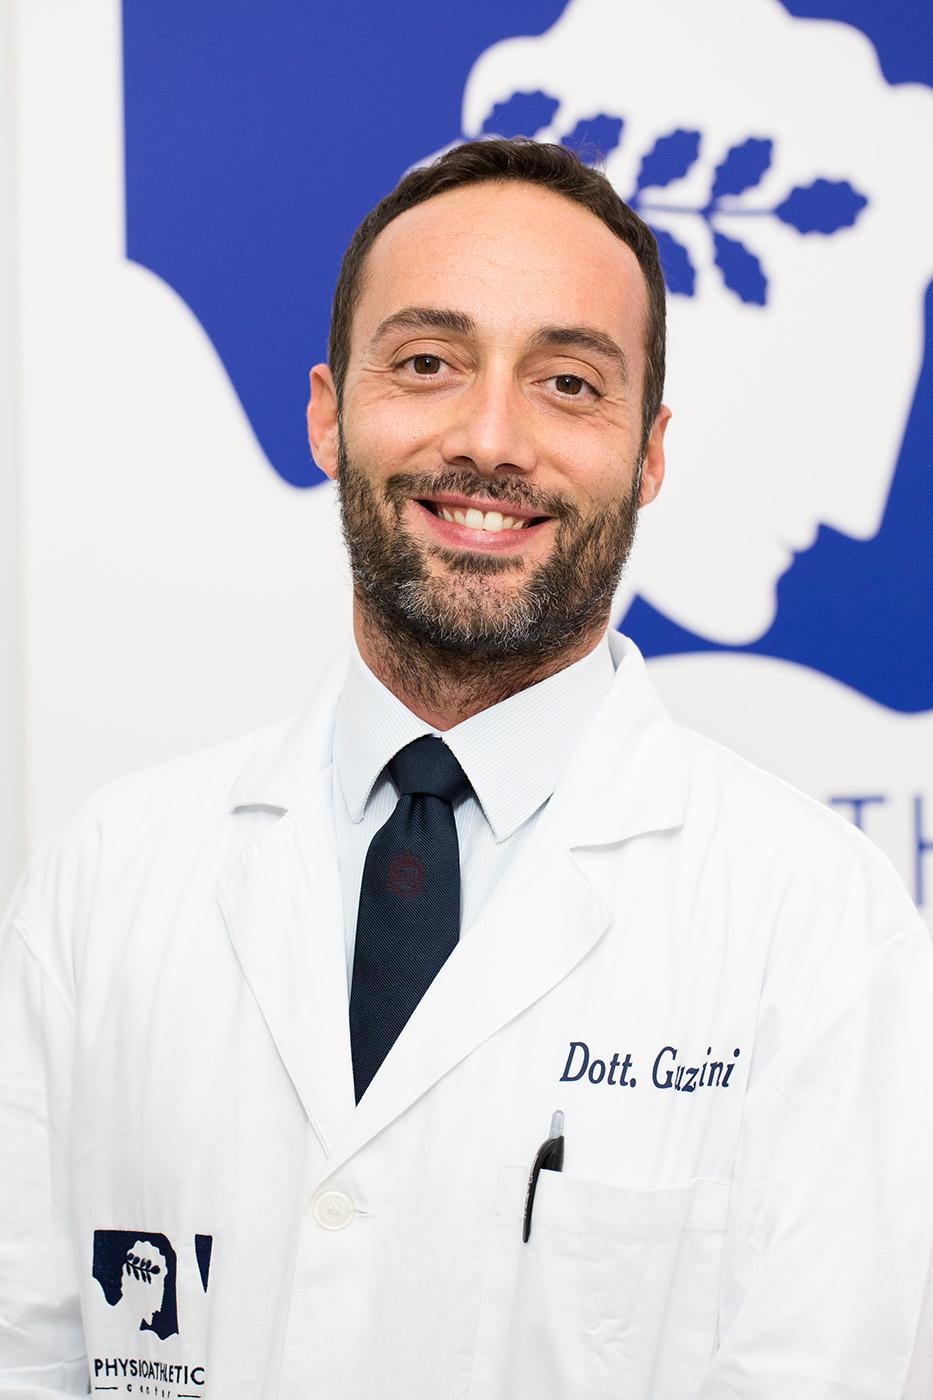 Matteo-Guzzini